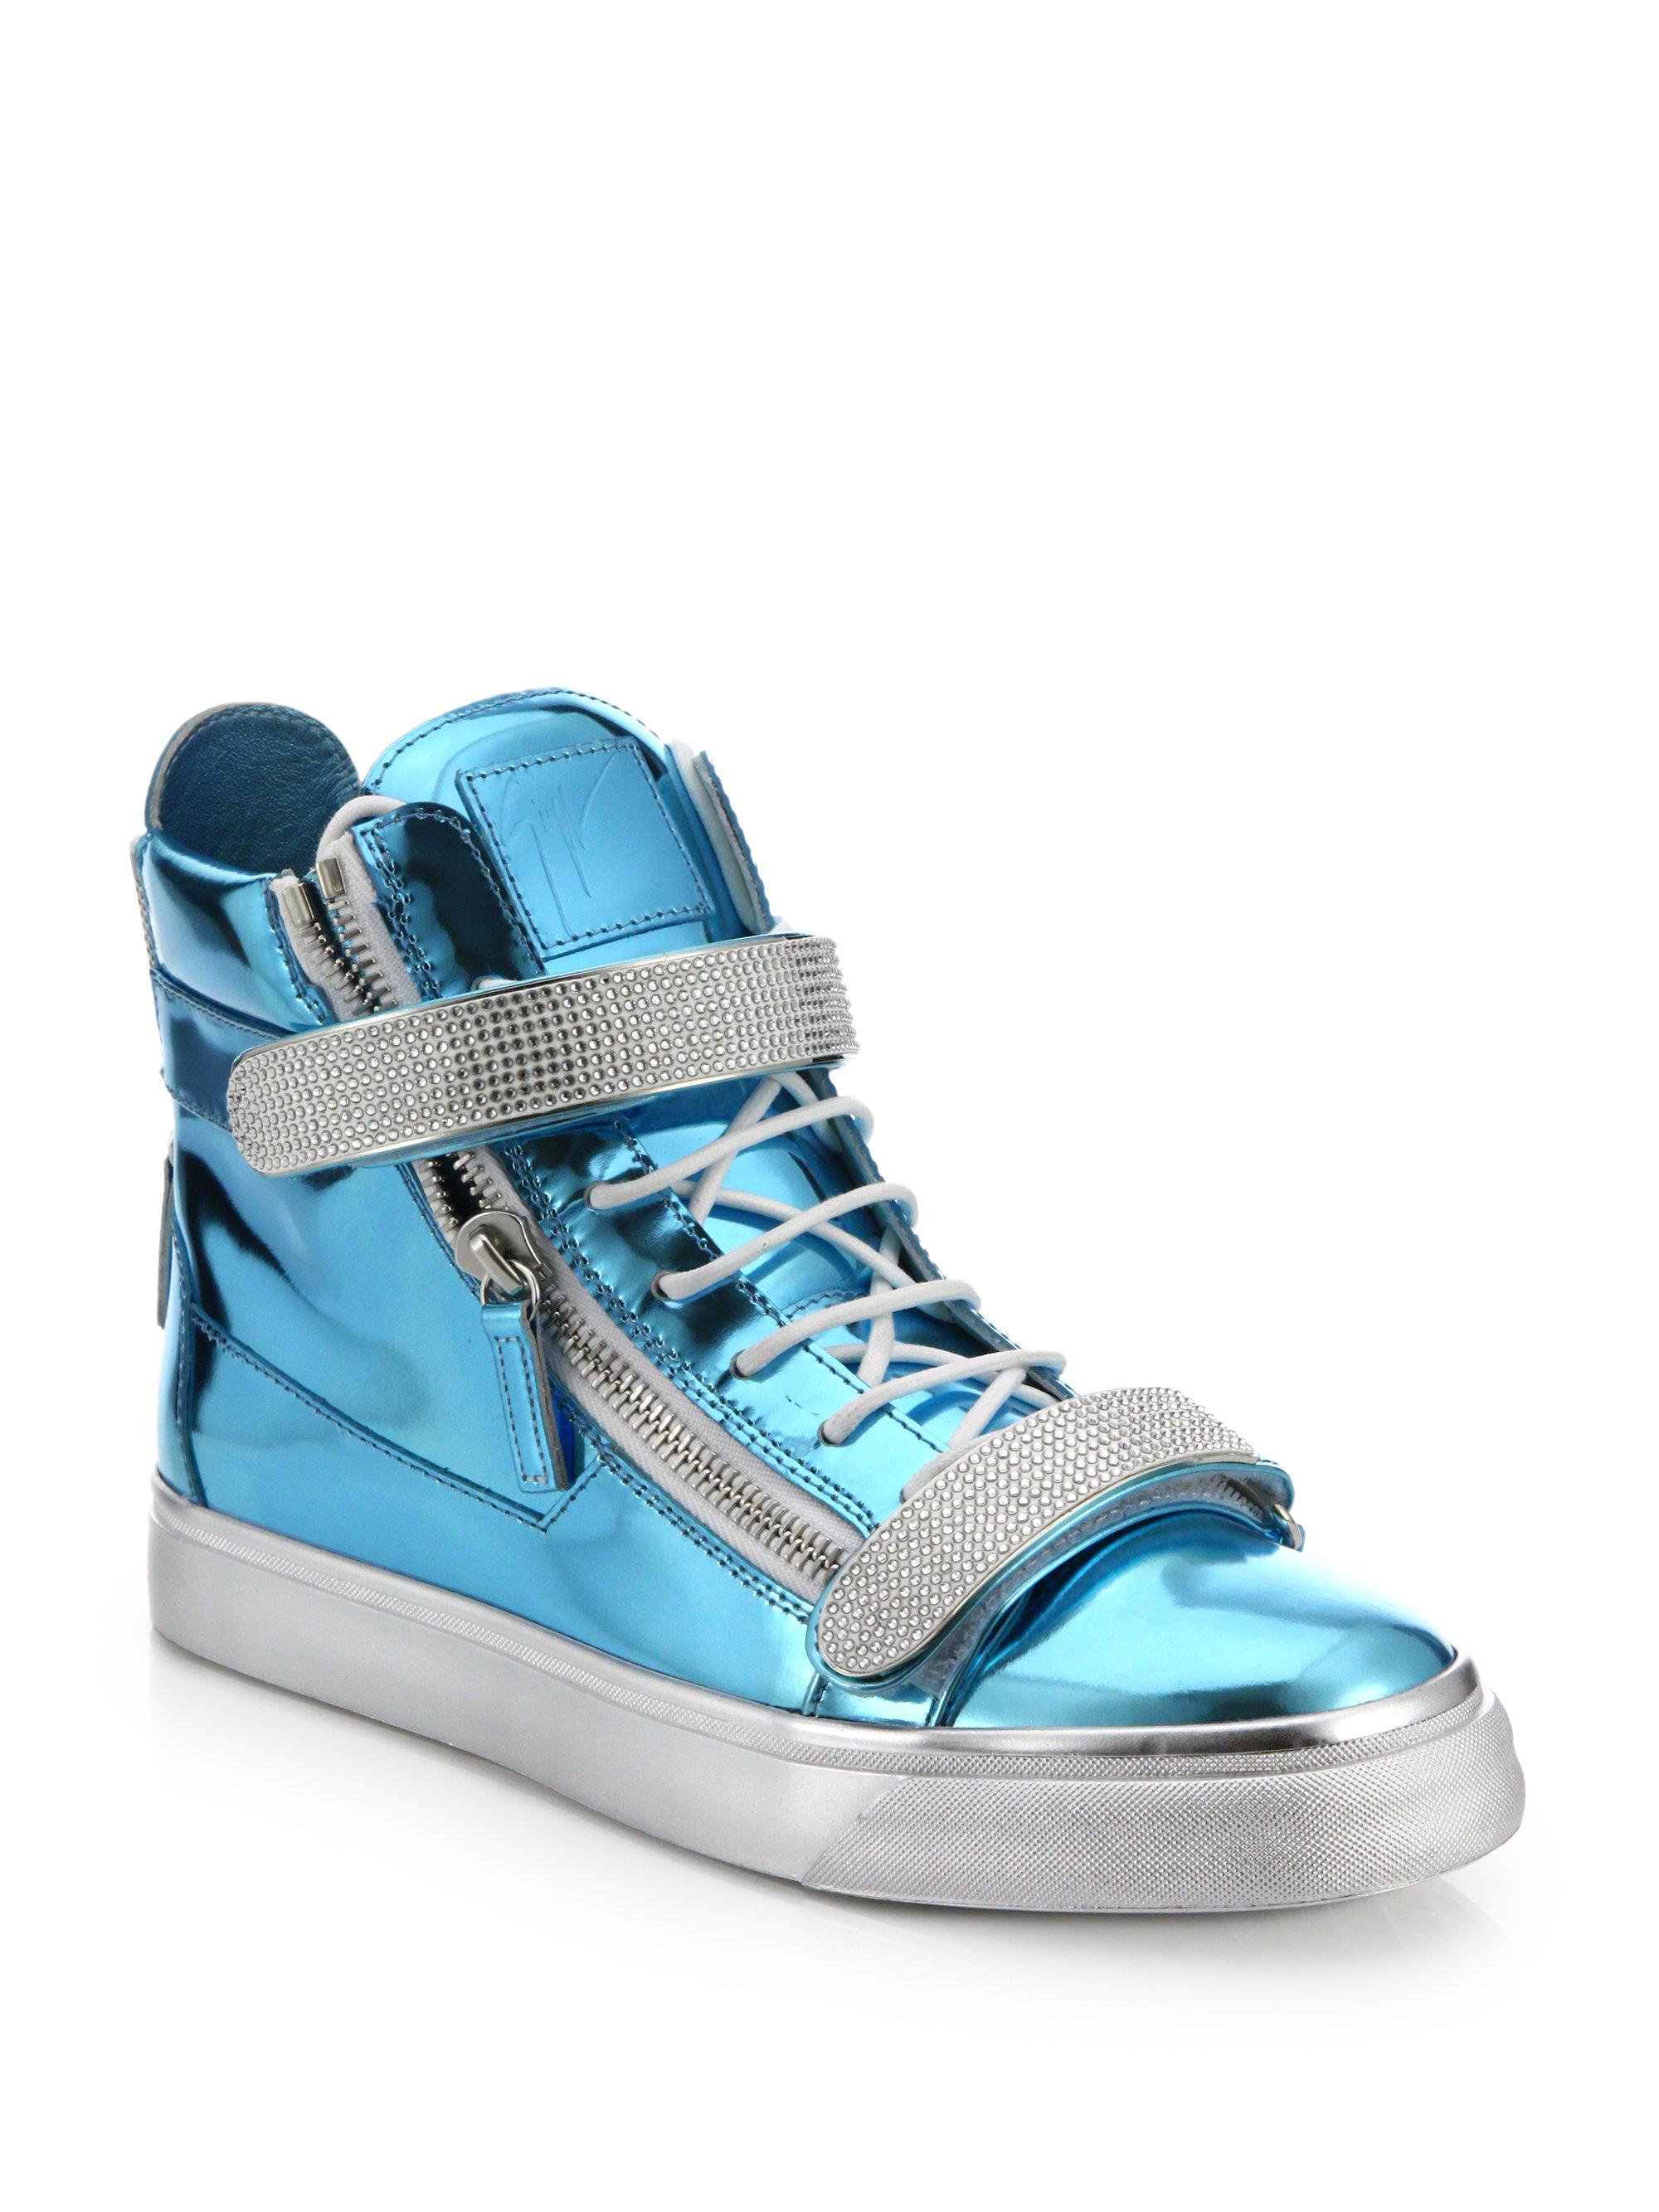 Giuseppe zanotti sneakers blue garden house lazzerini for Zanotti arredamenti